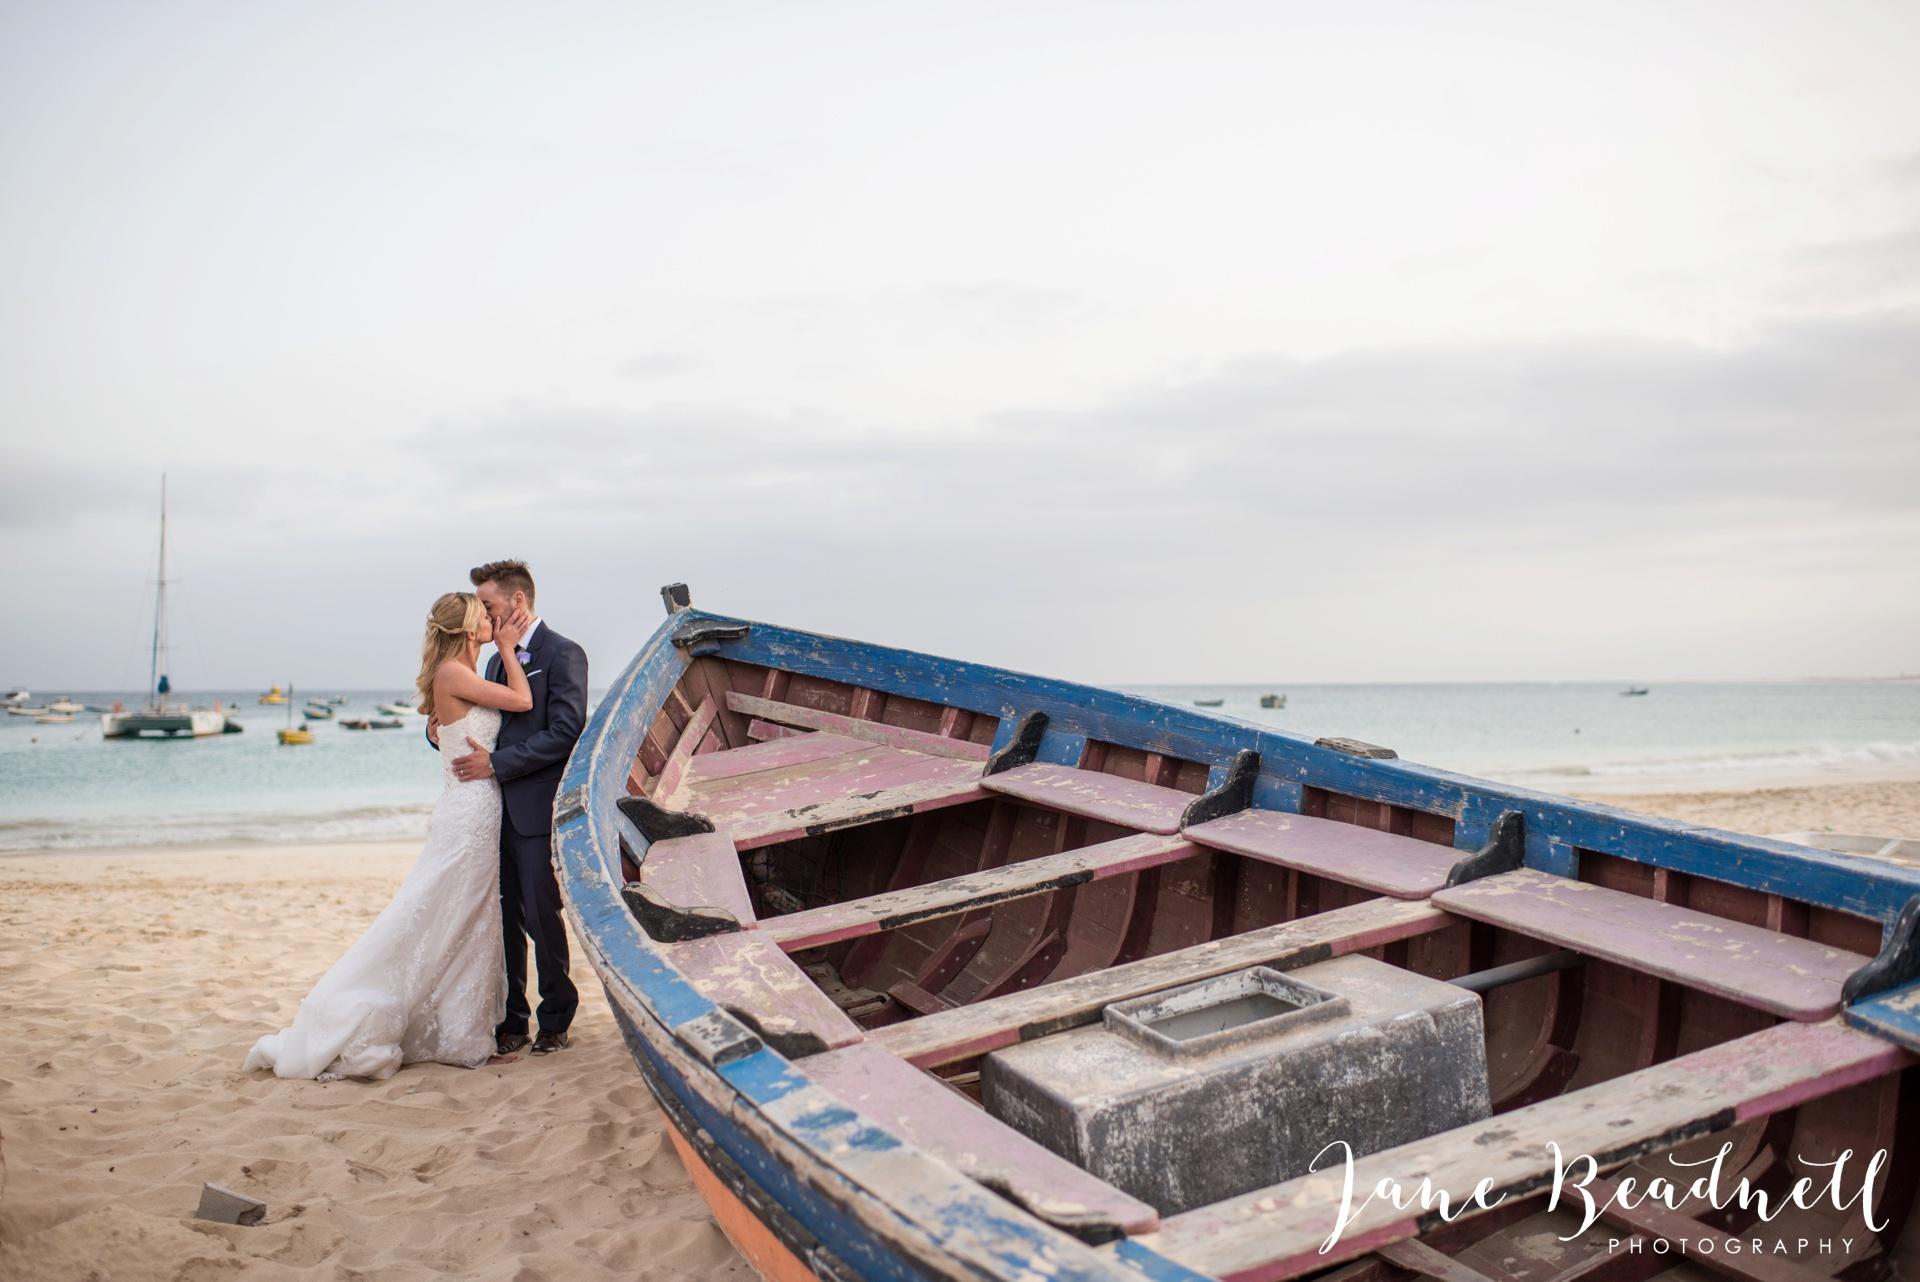 Jane Beadnell fine art wedding photographer Leeds Destination wedding photographer_0031